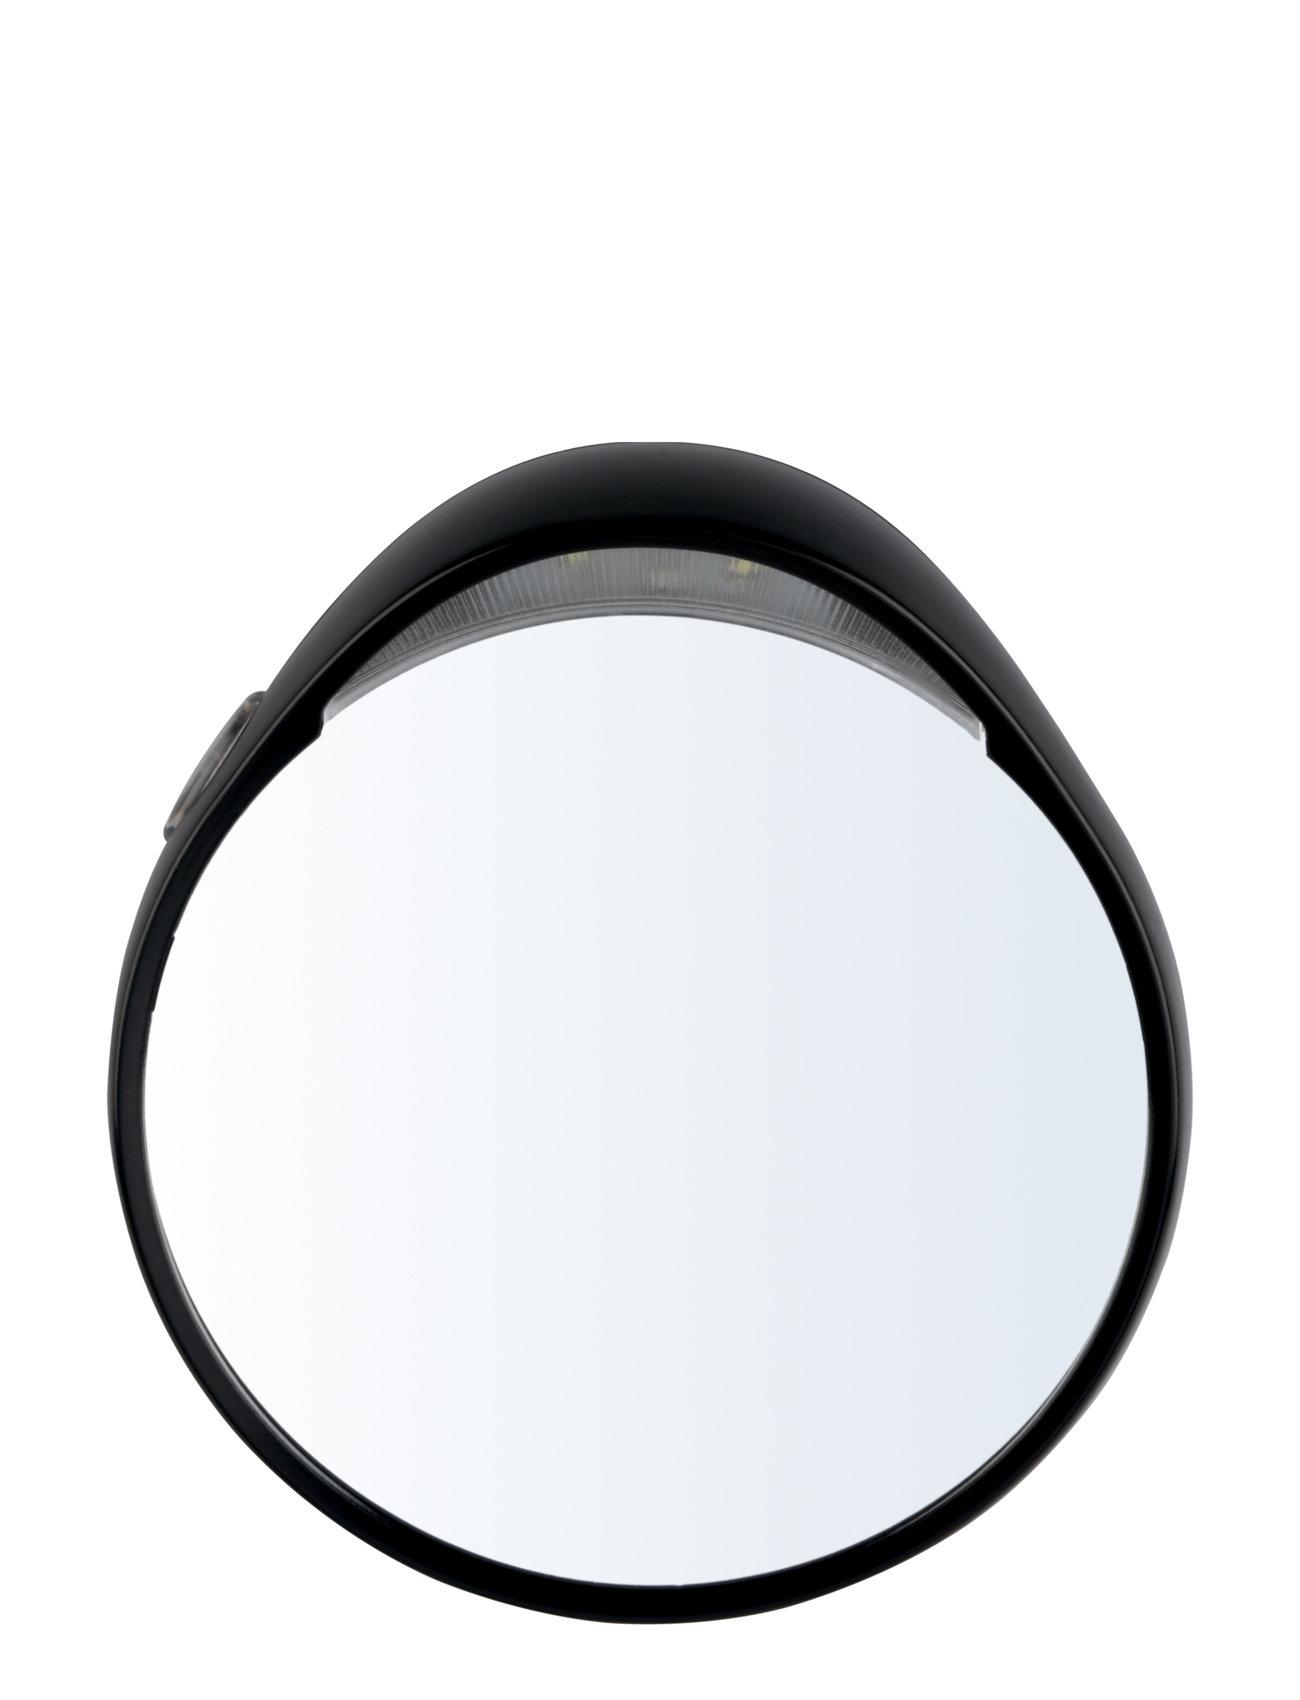 Tweezermate 10x Lighted Mirror - Tweezerman